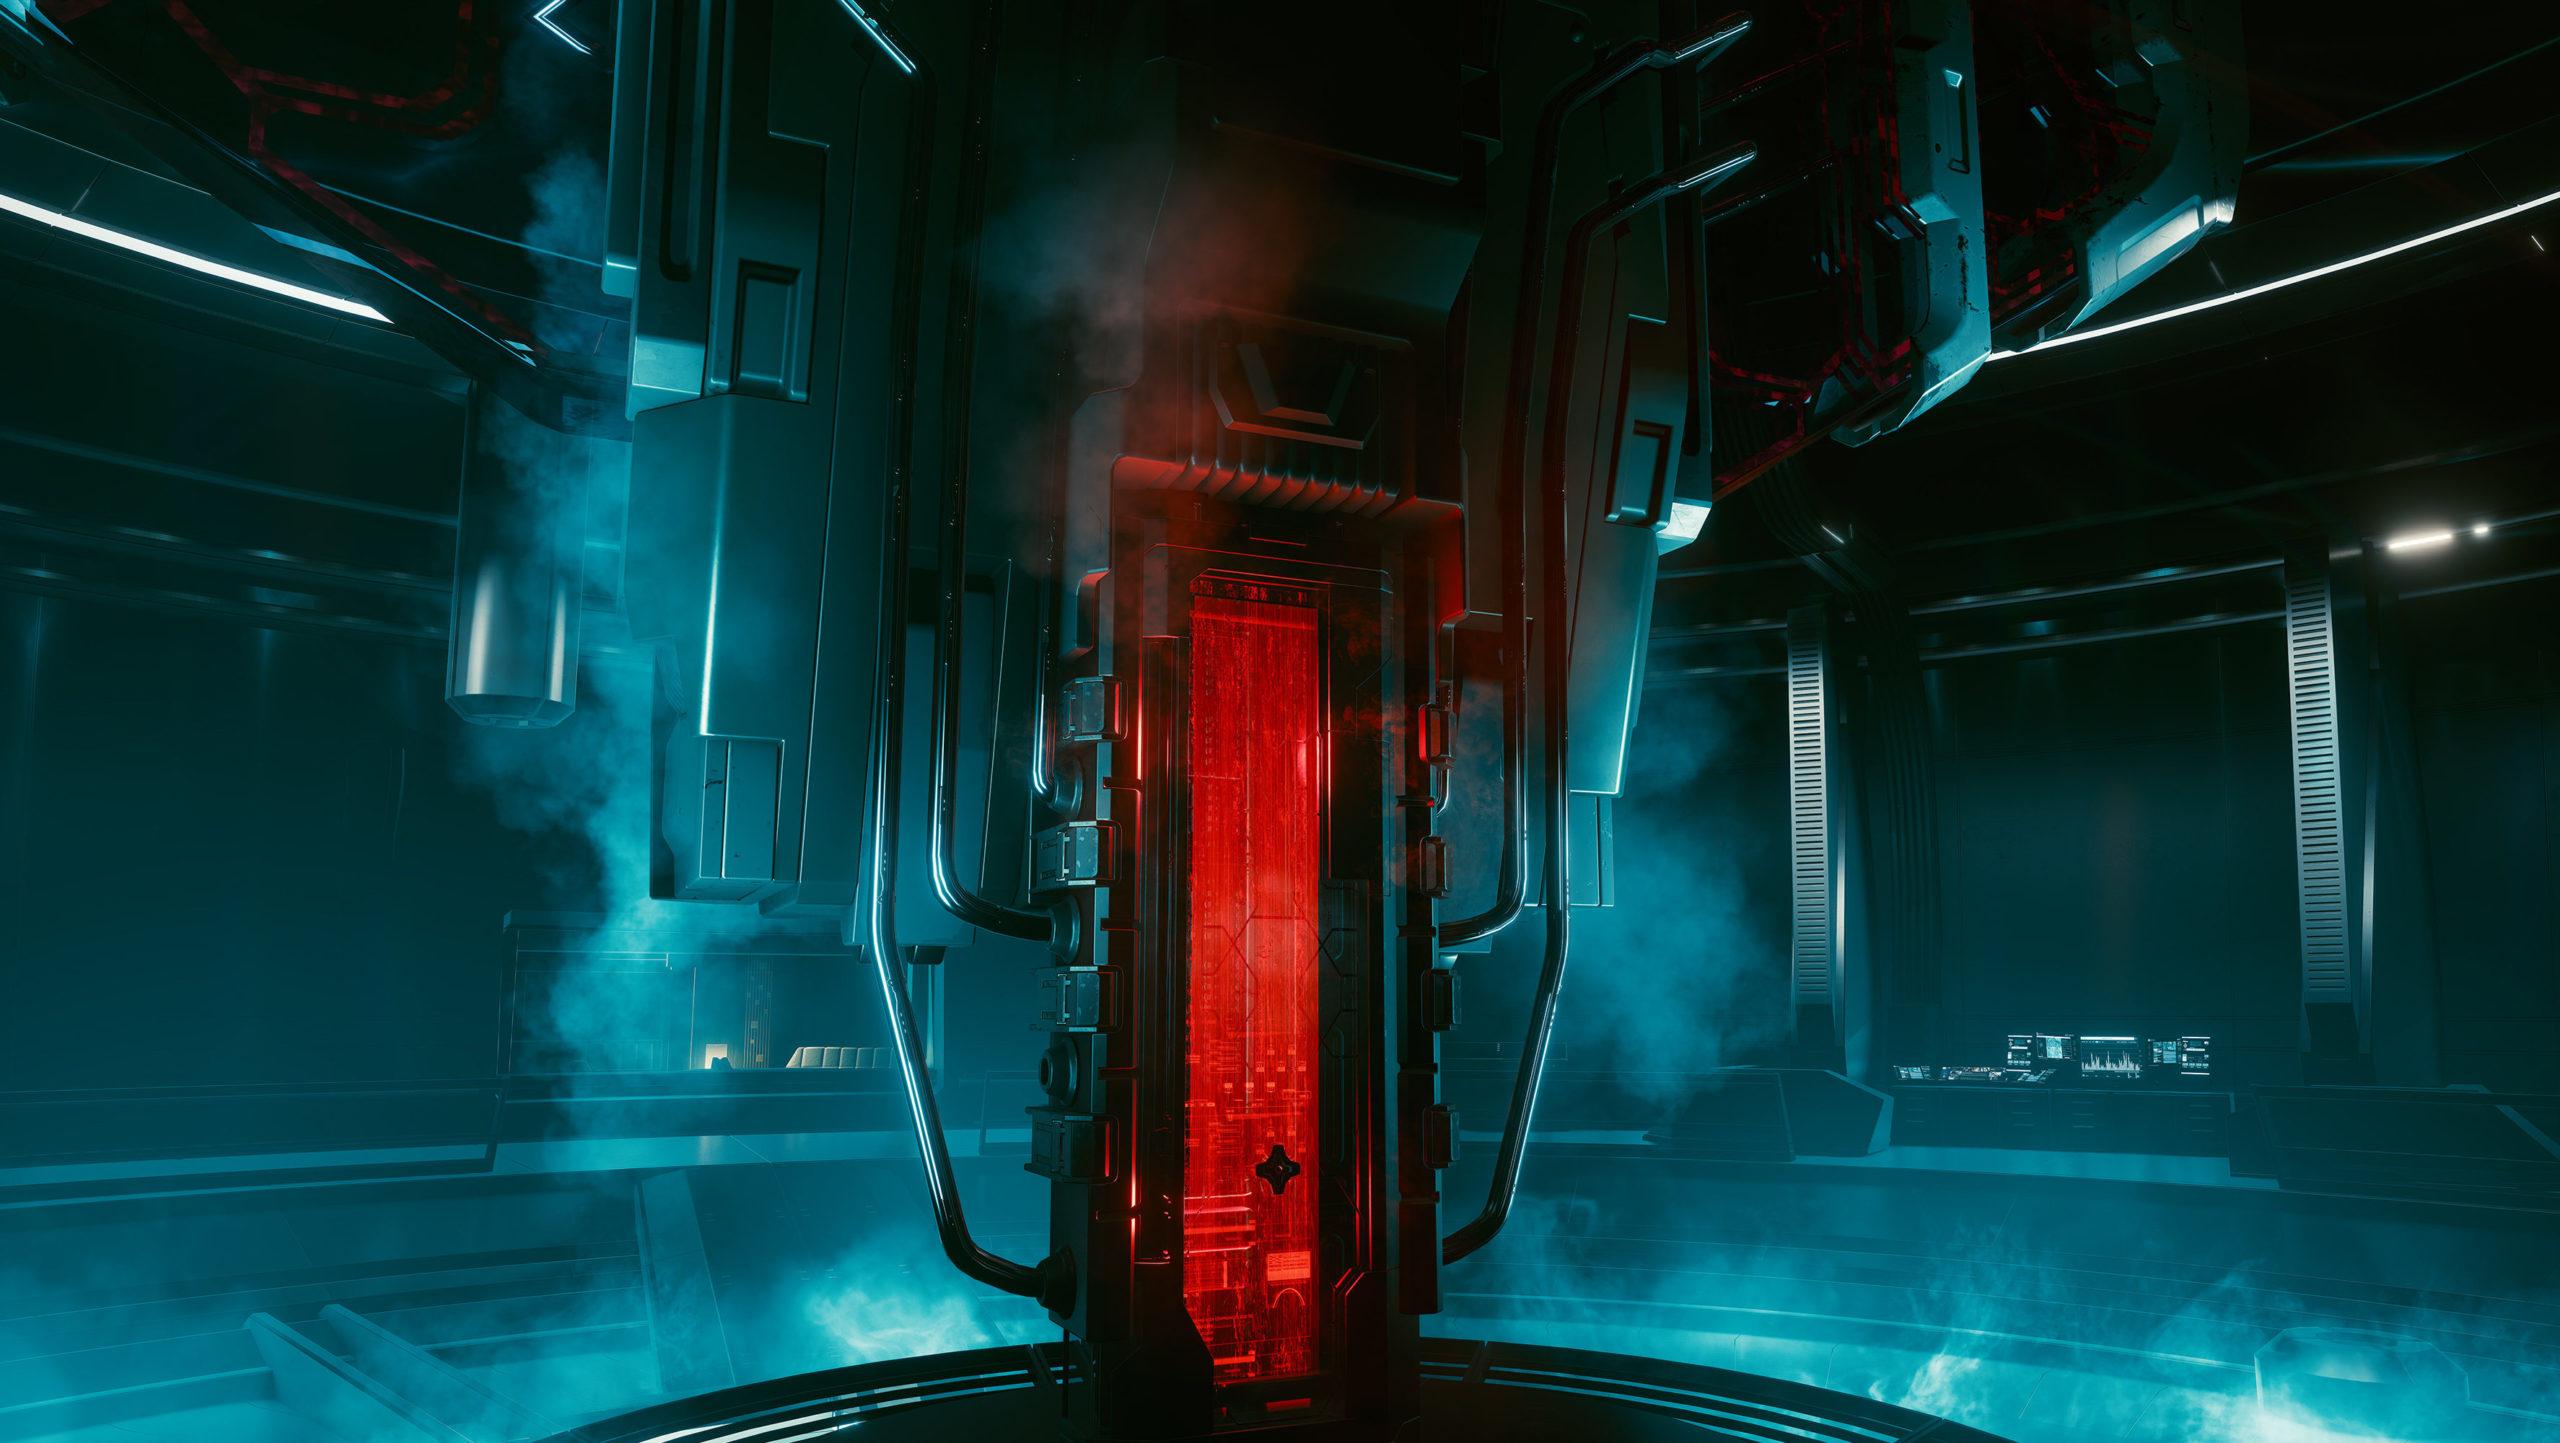 راهنمای پایان بندیهای Cyberpunk 2077 - اراسکا